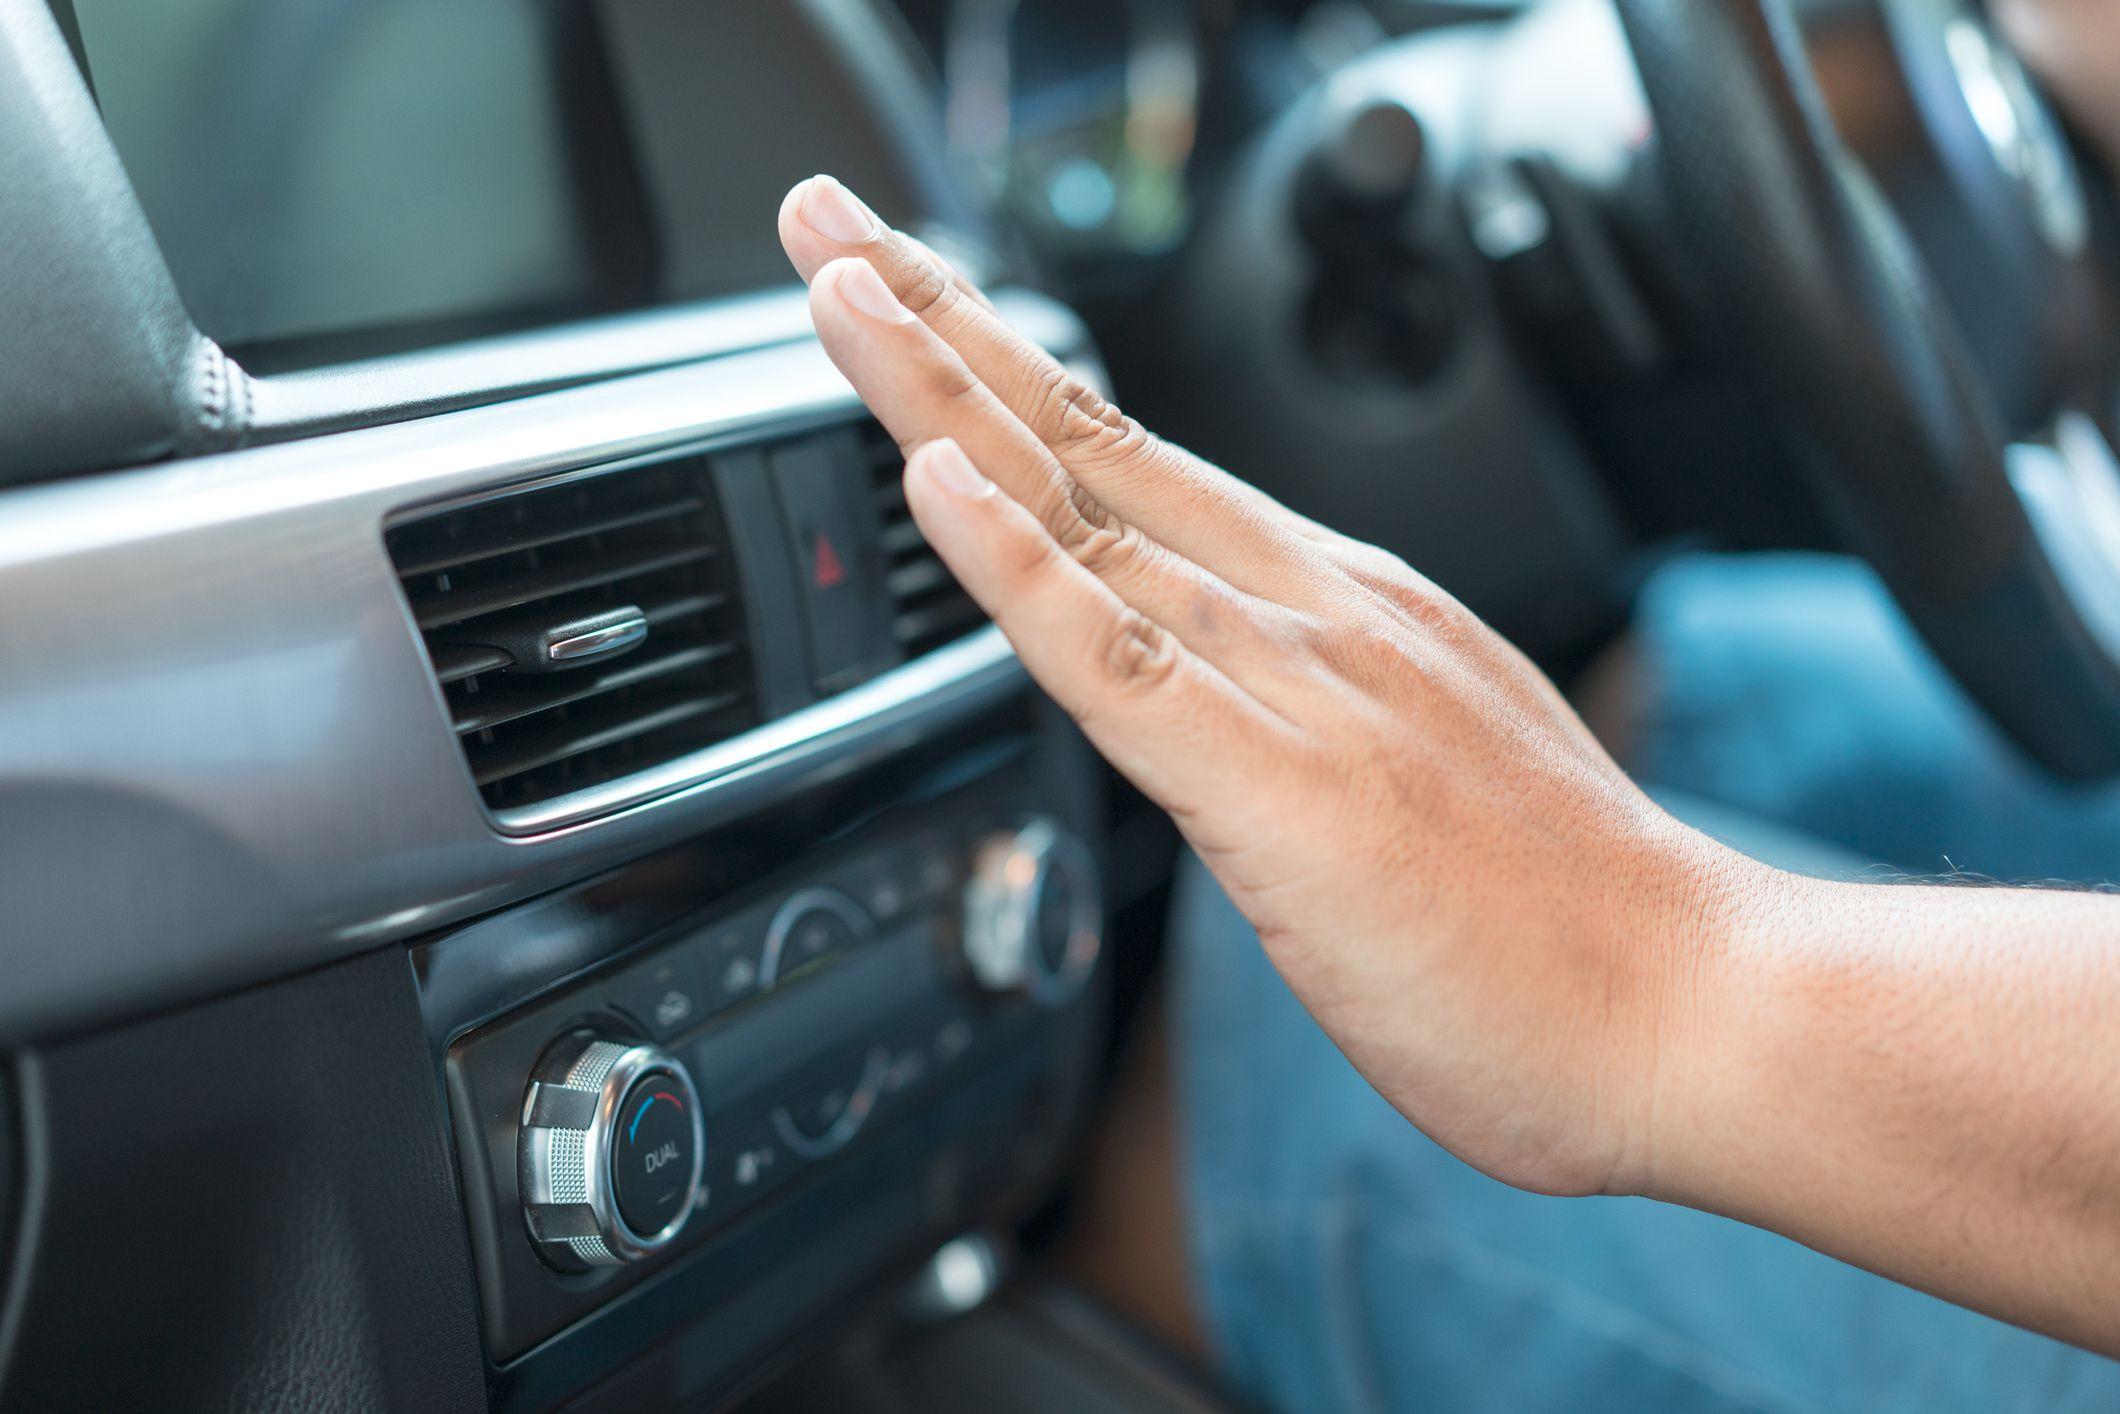 Troubleshoot Your Heat/AC When Car Fan Is Not Working